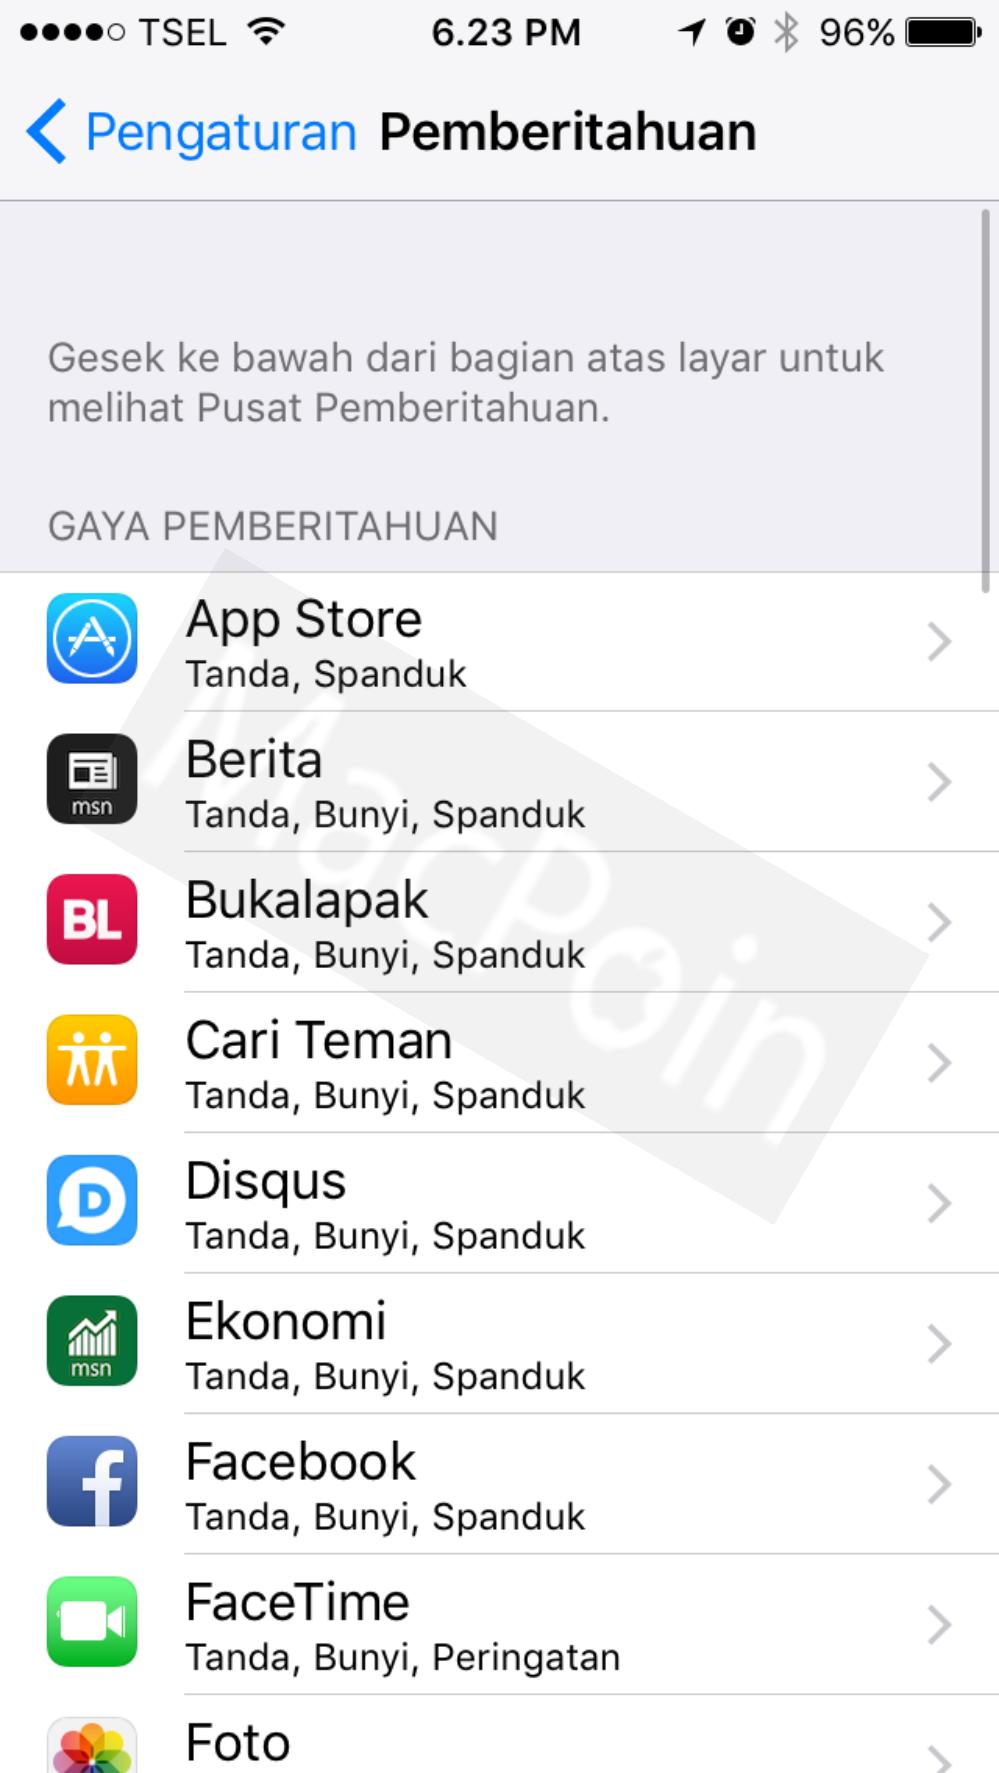 Cara Mematikan Notifikasi Aplikasi iPhone dan iPad